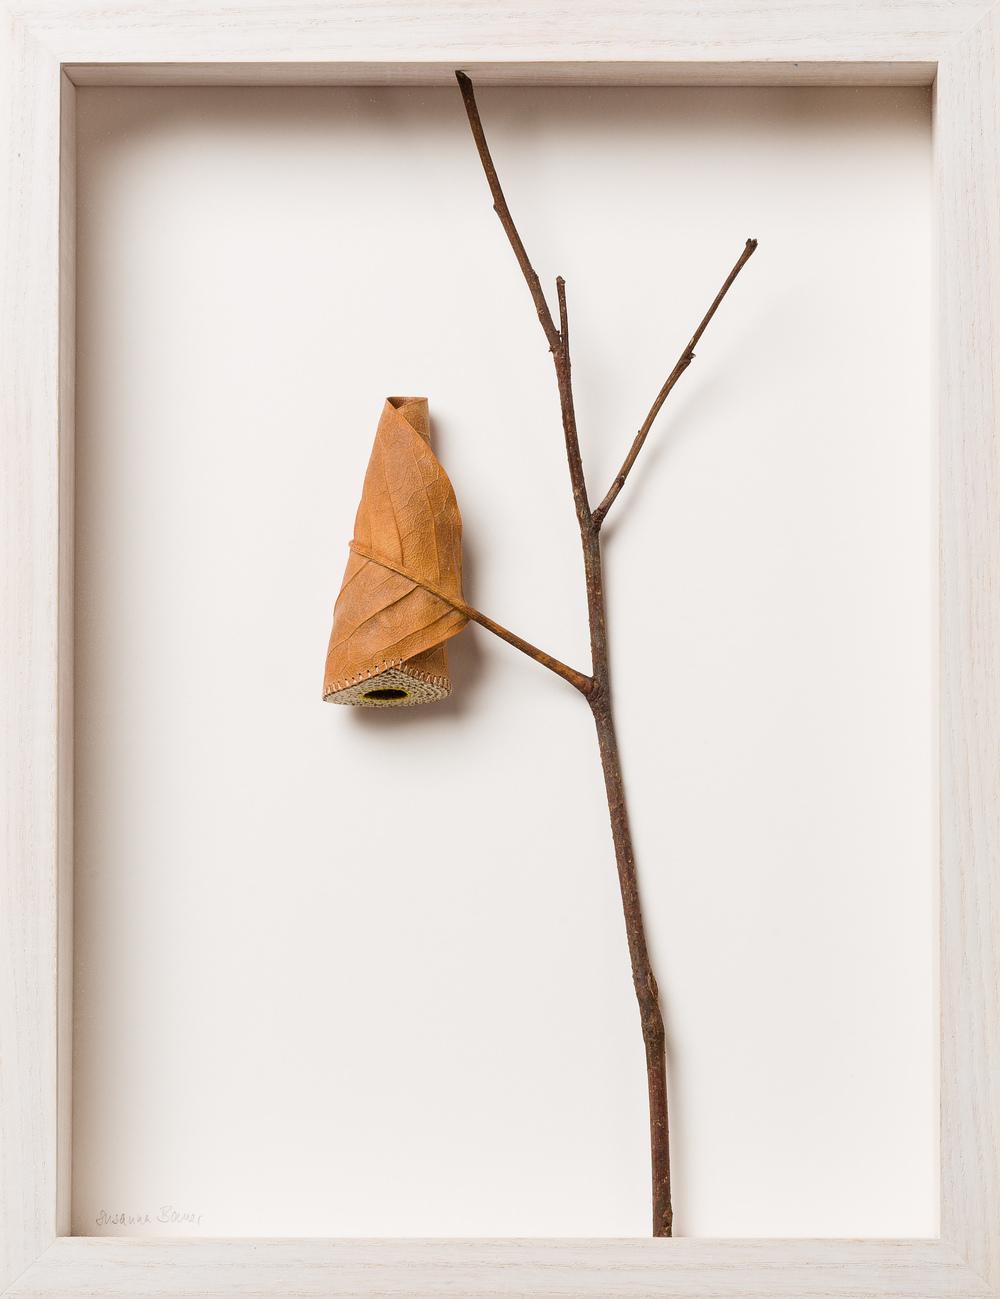 Susanna Bauer Keep II 34.2 x 26.3 x 5 cm magnolia leaf & cotton yarn £ 950